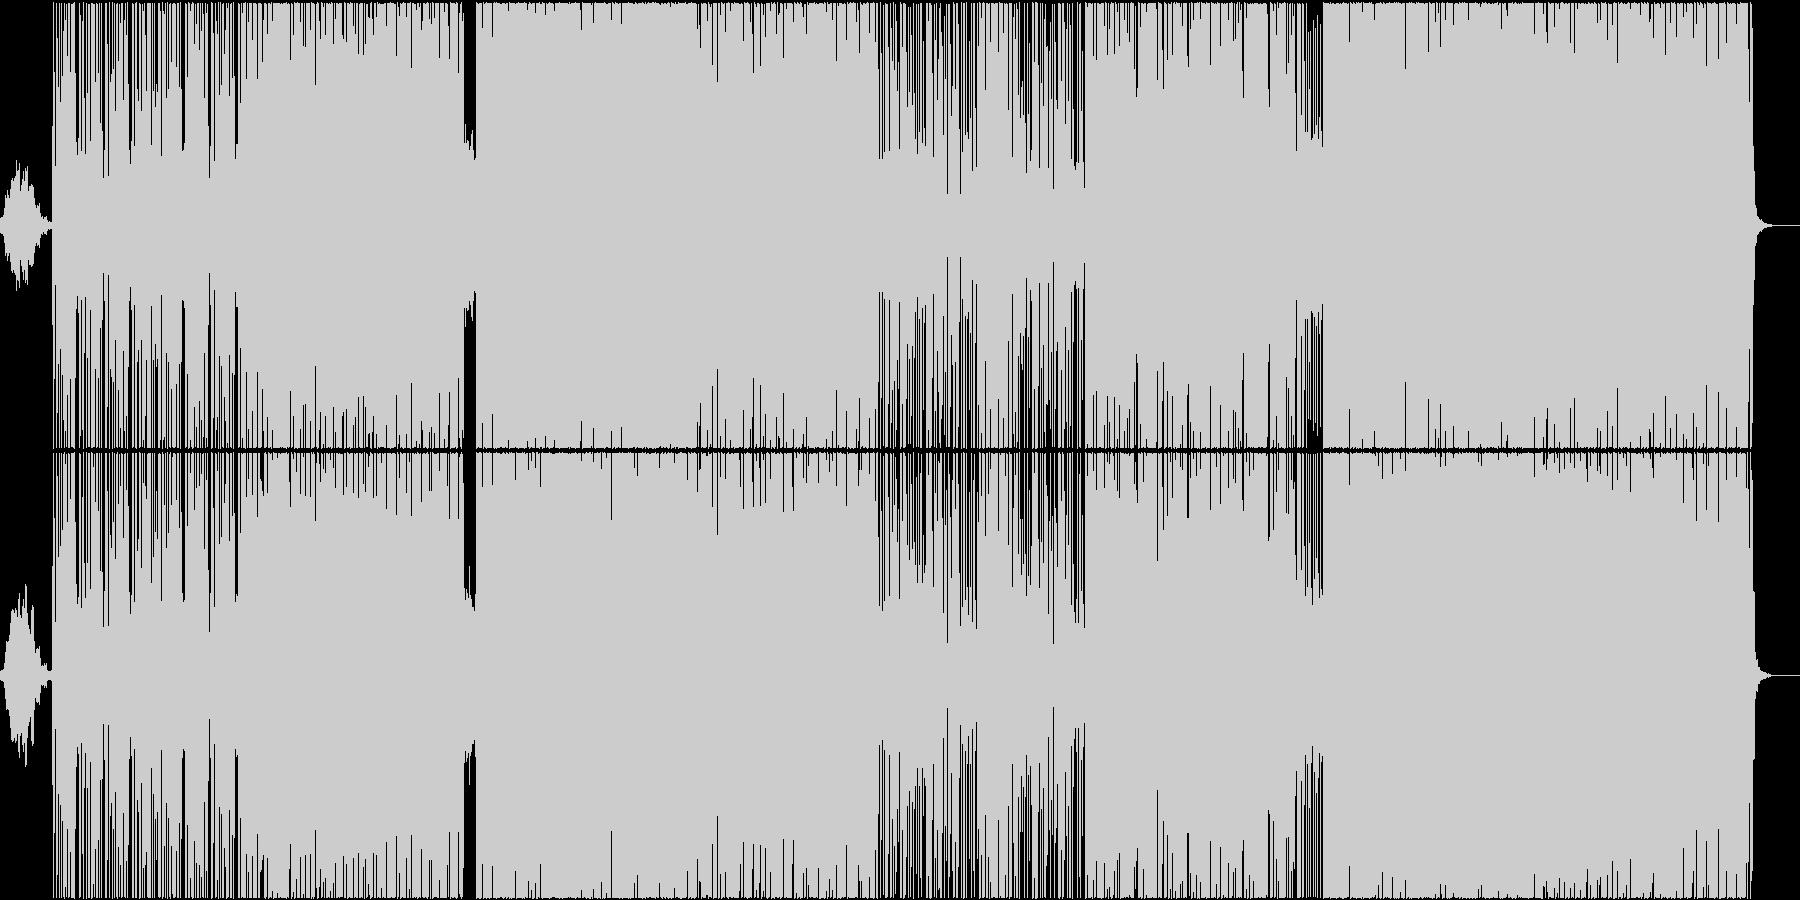 和風ヒップホップ (アップテンポ)の未再生の波形